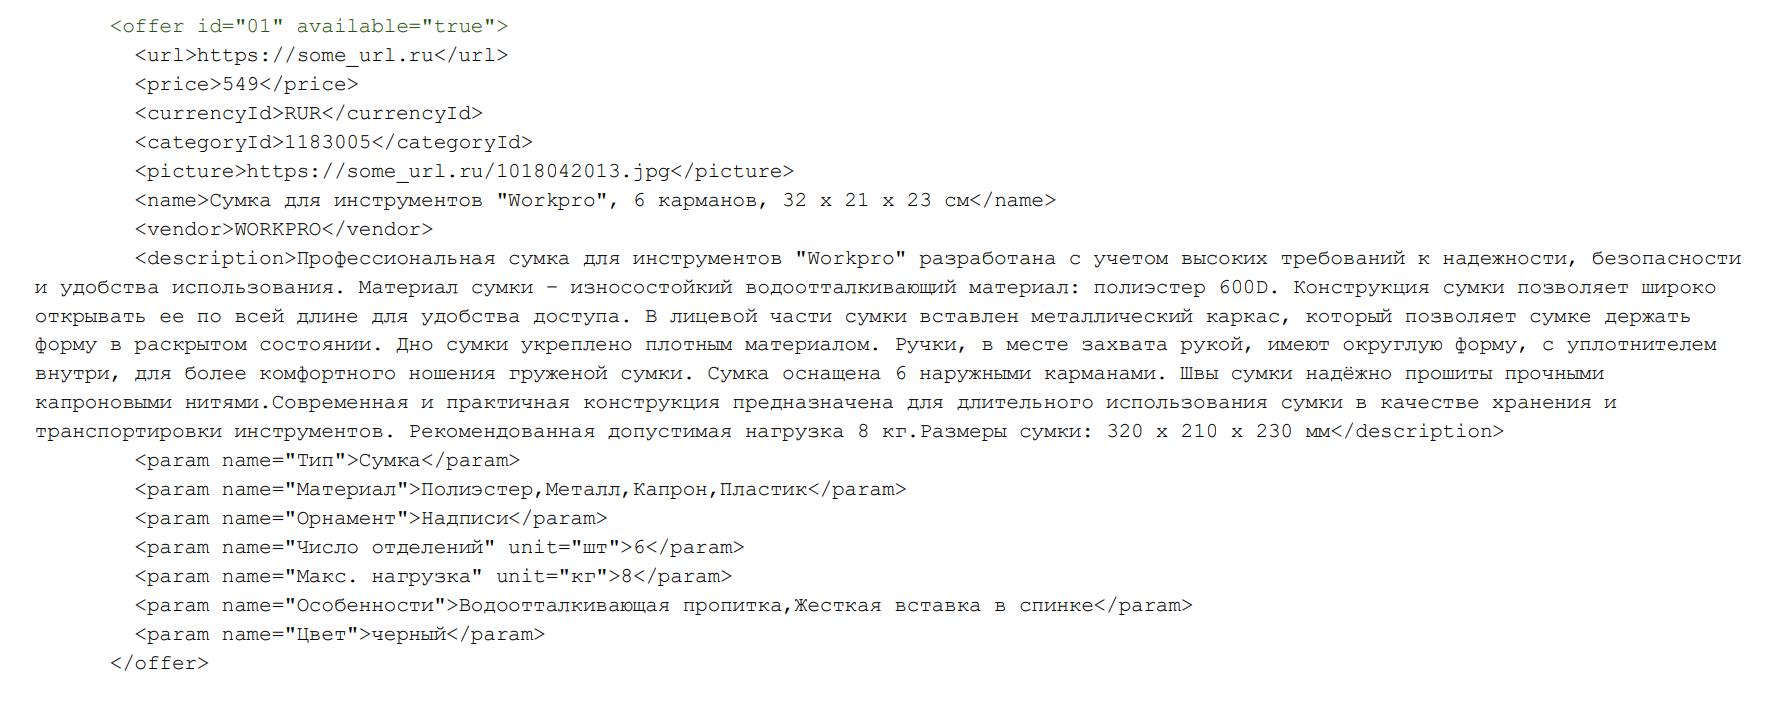 Фид XML